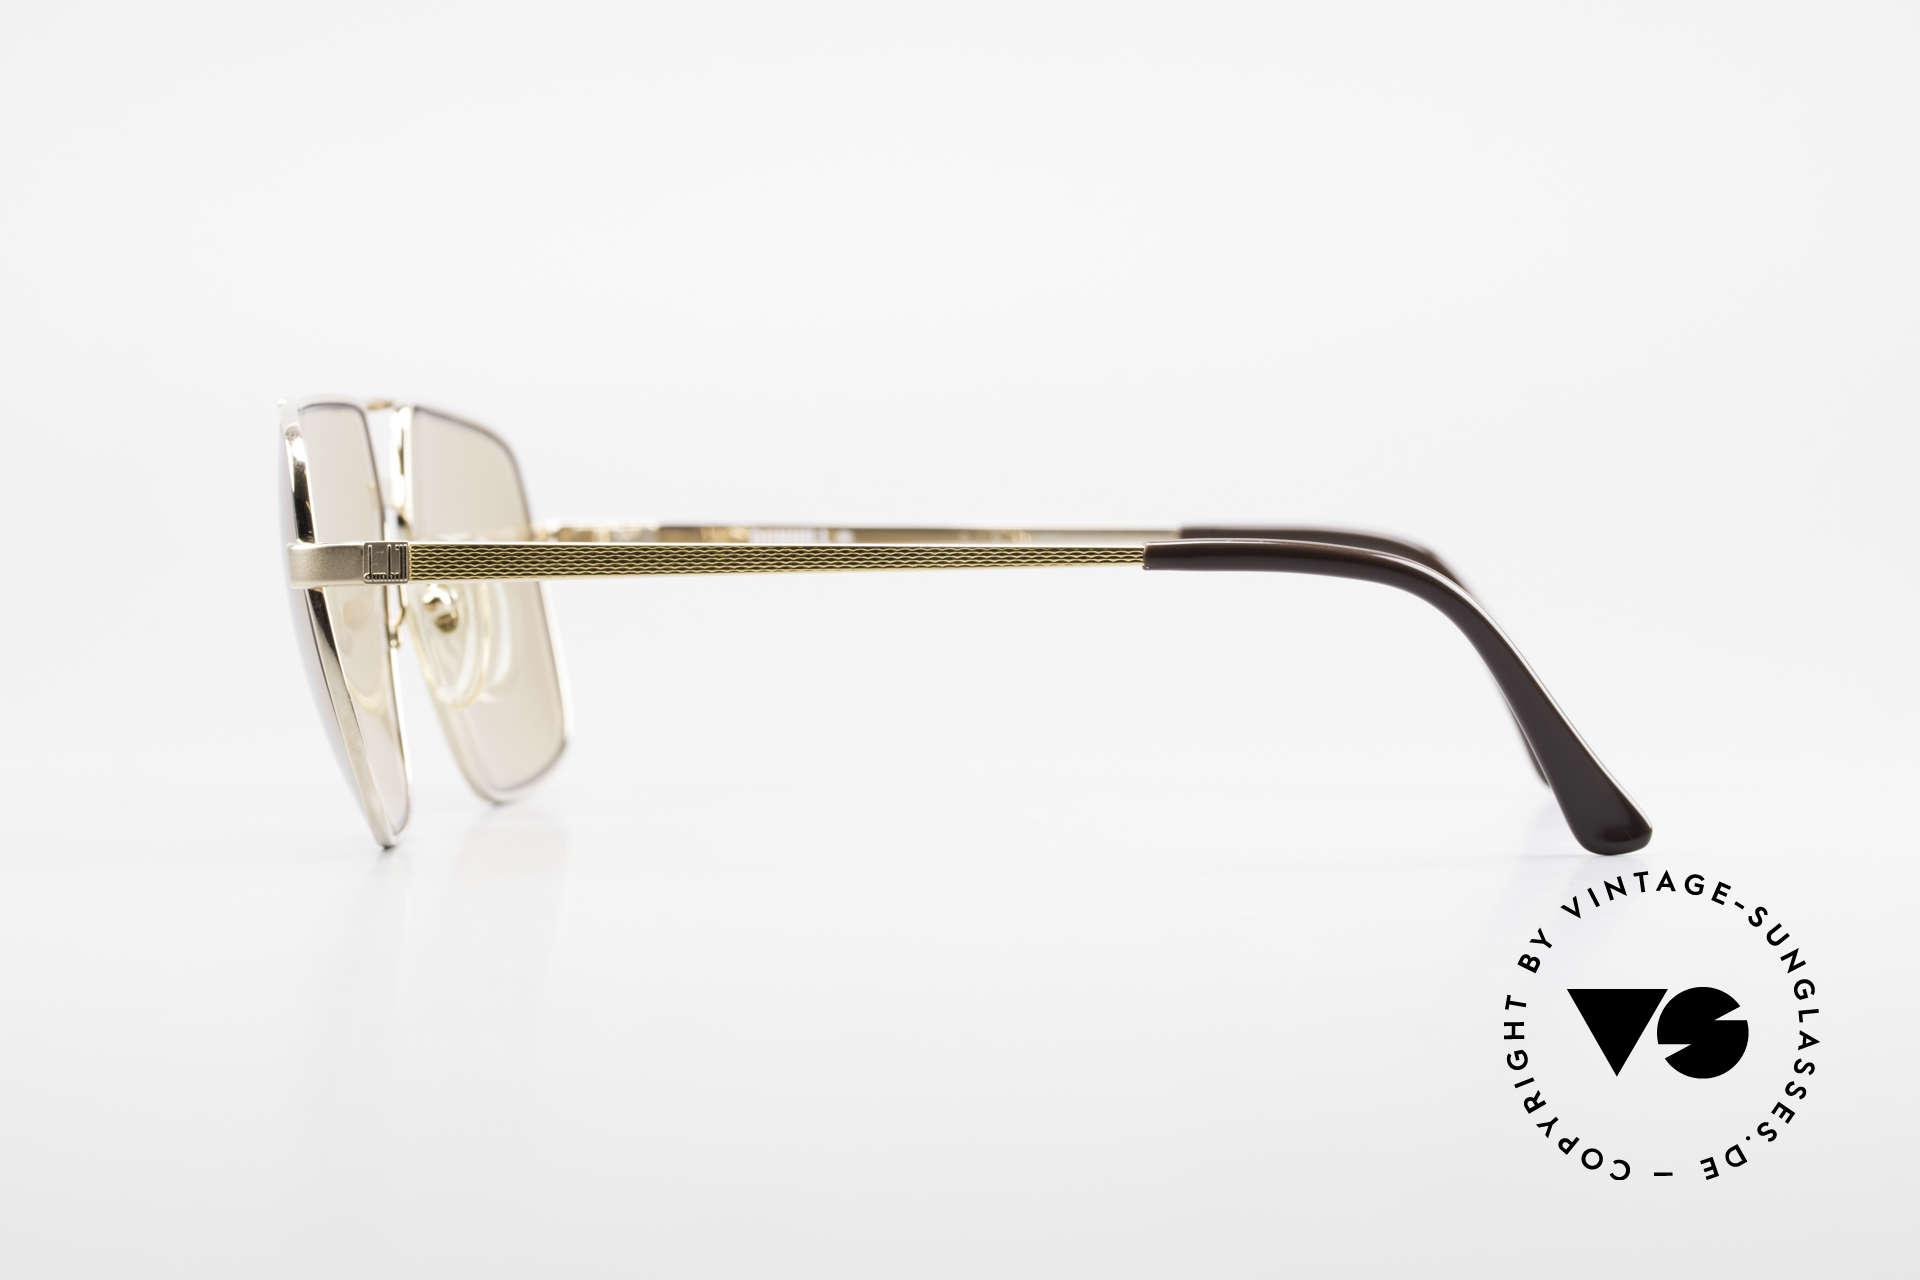 Dunhill 6068 Vergoldete Brille Automatik, distinguiert kultiviert: ein wahres Gentleman Modell, Passend für Herren